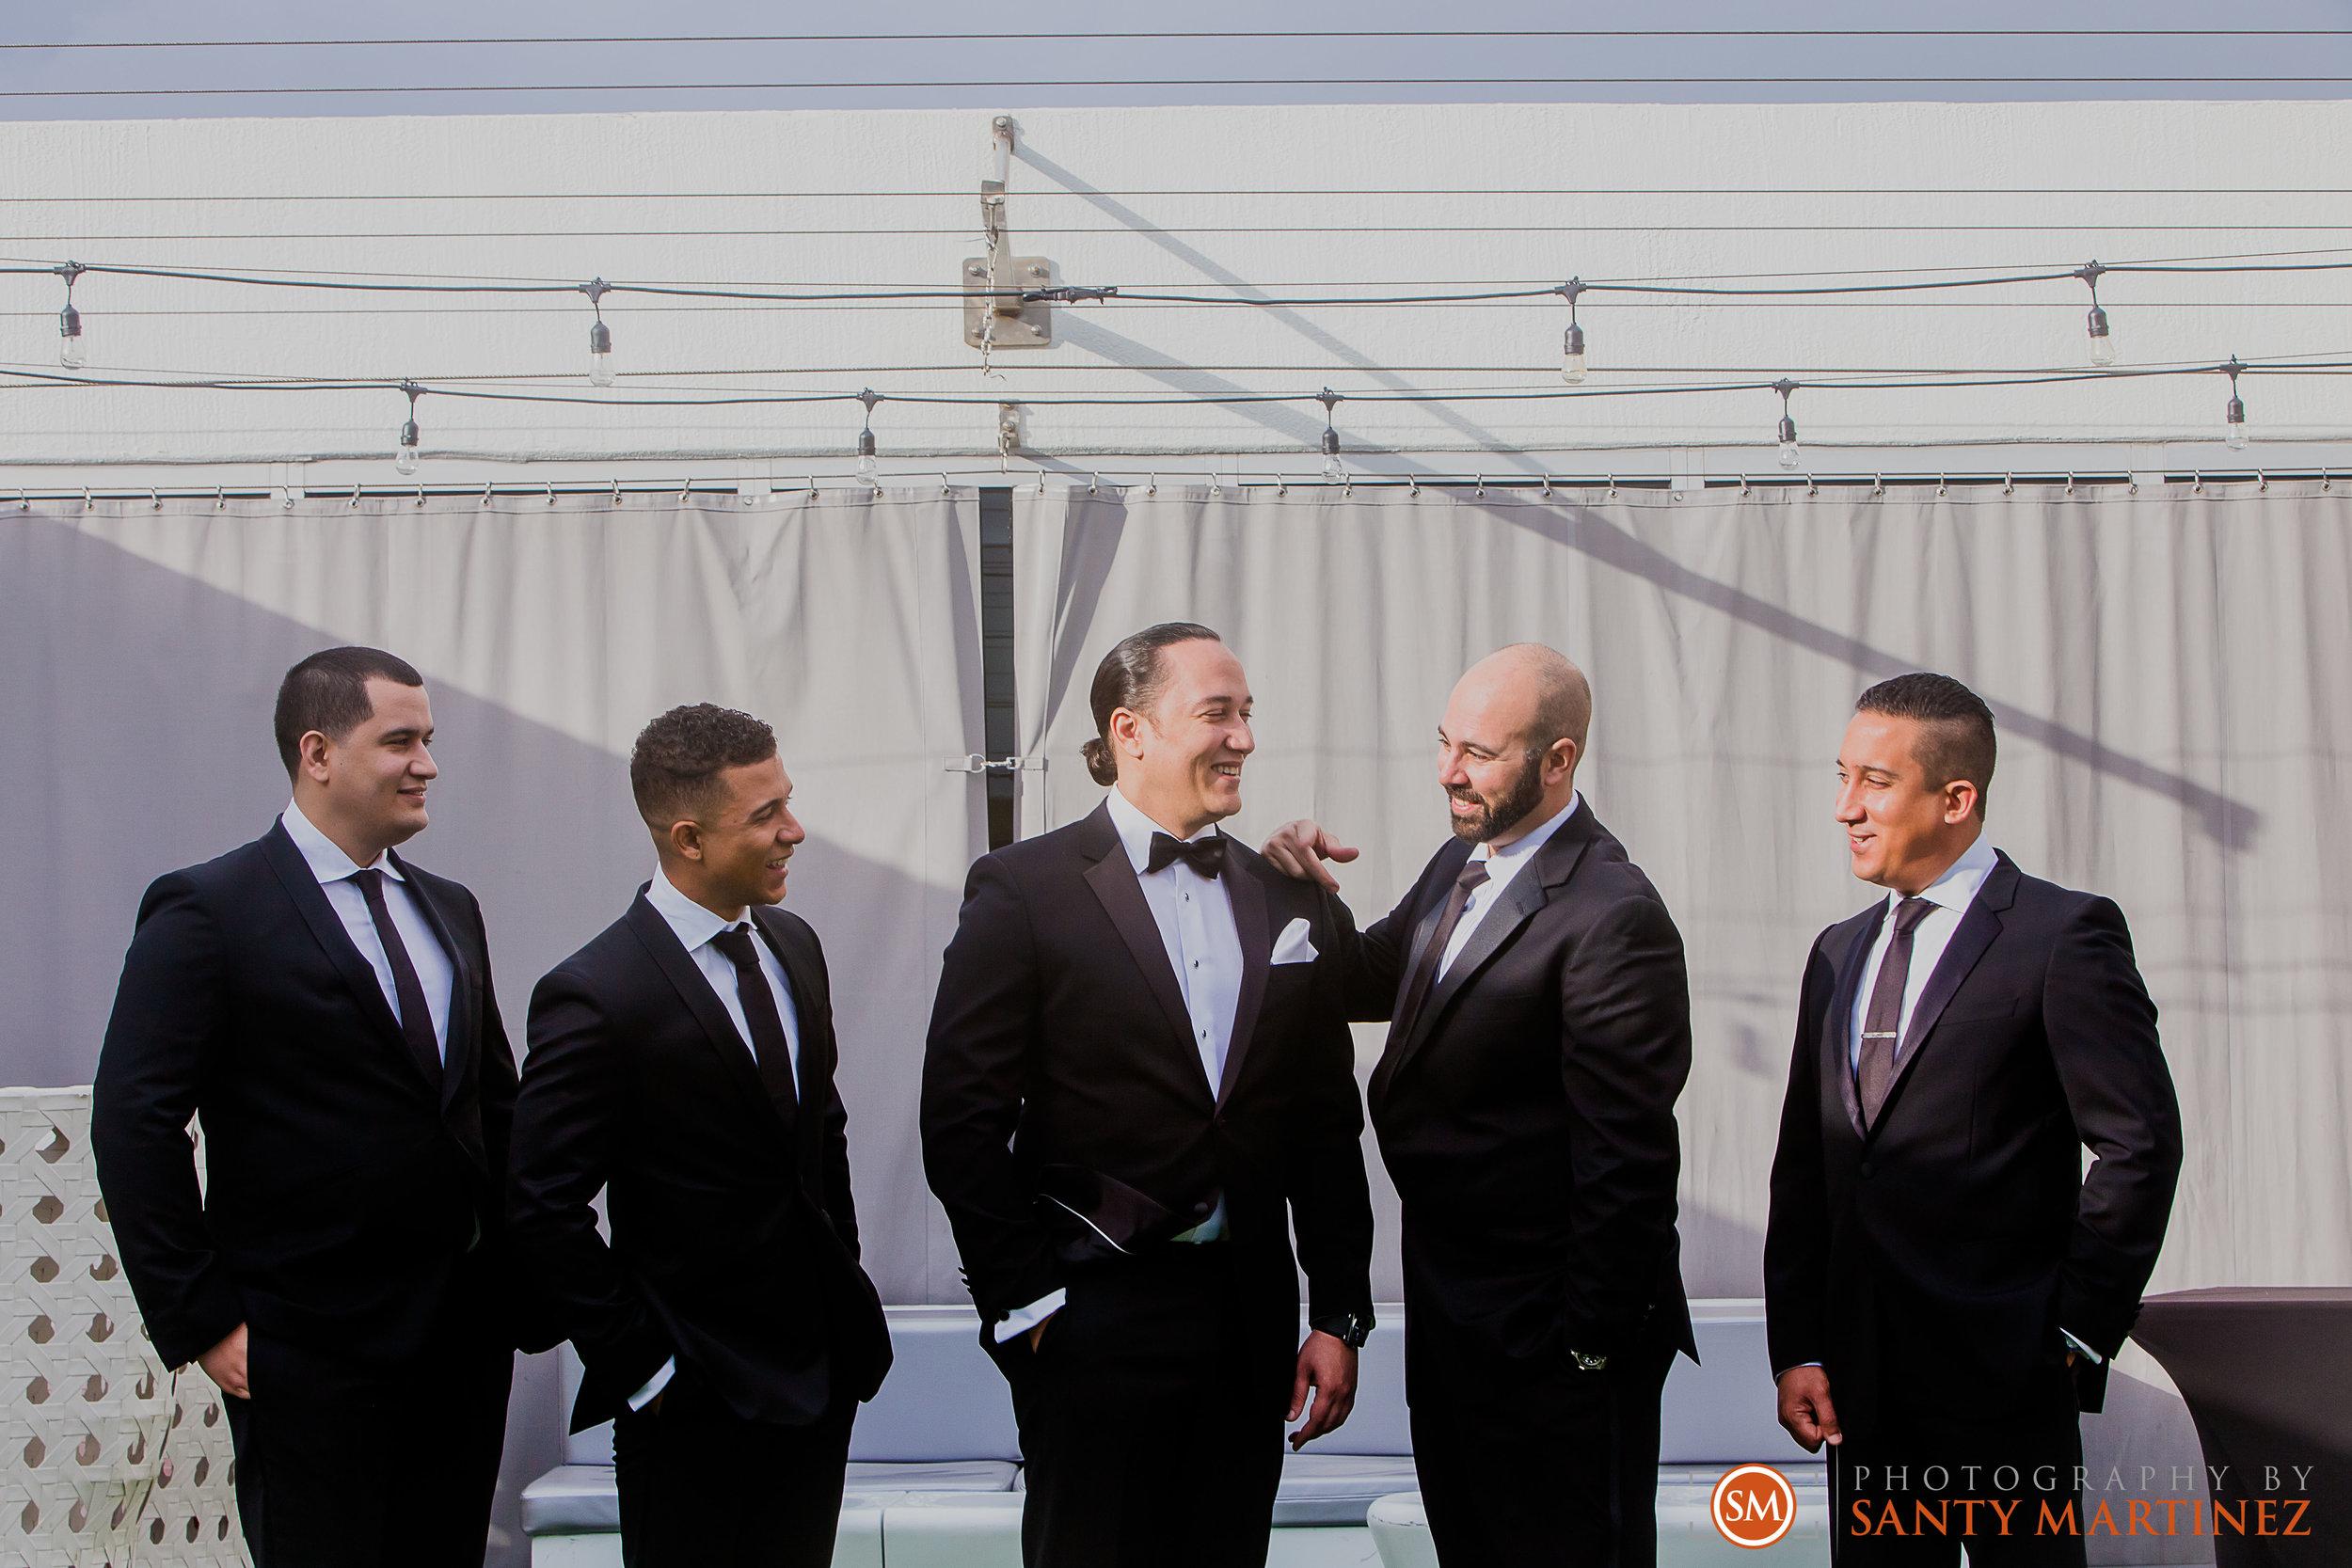 Wedding - W Hotel - St Patrick Miami Beach - Santy Martinez Photography-8.jpg